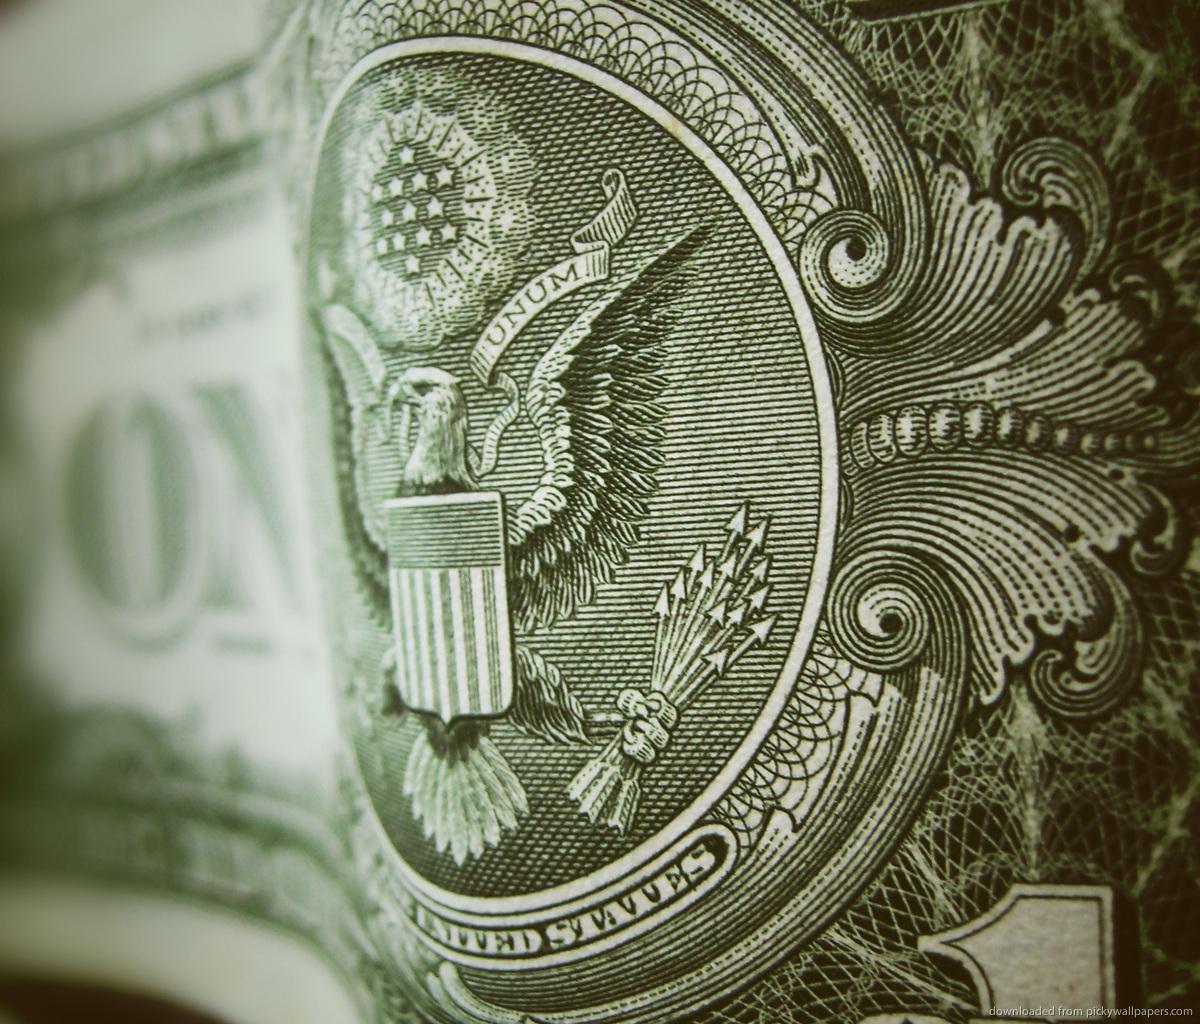 Stati Uniti: la disuguaglianza economica causa effetti globali